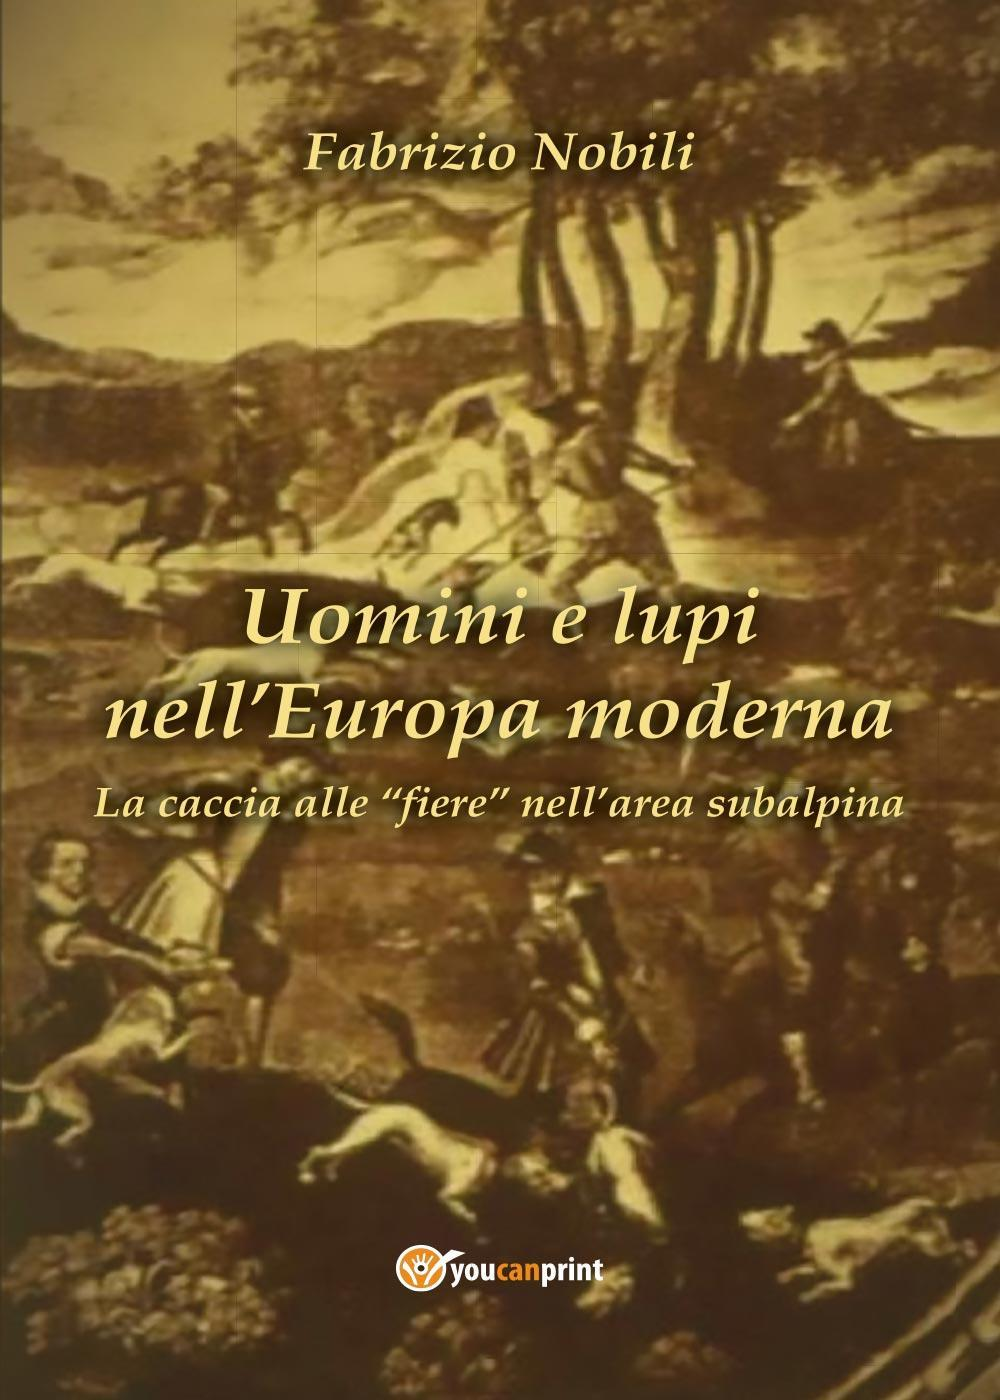 Uomini e lupi nell'Europa moderna